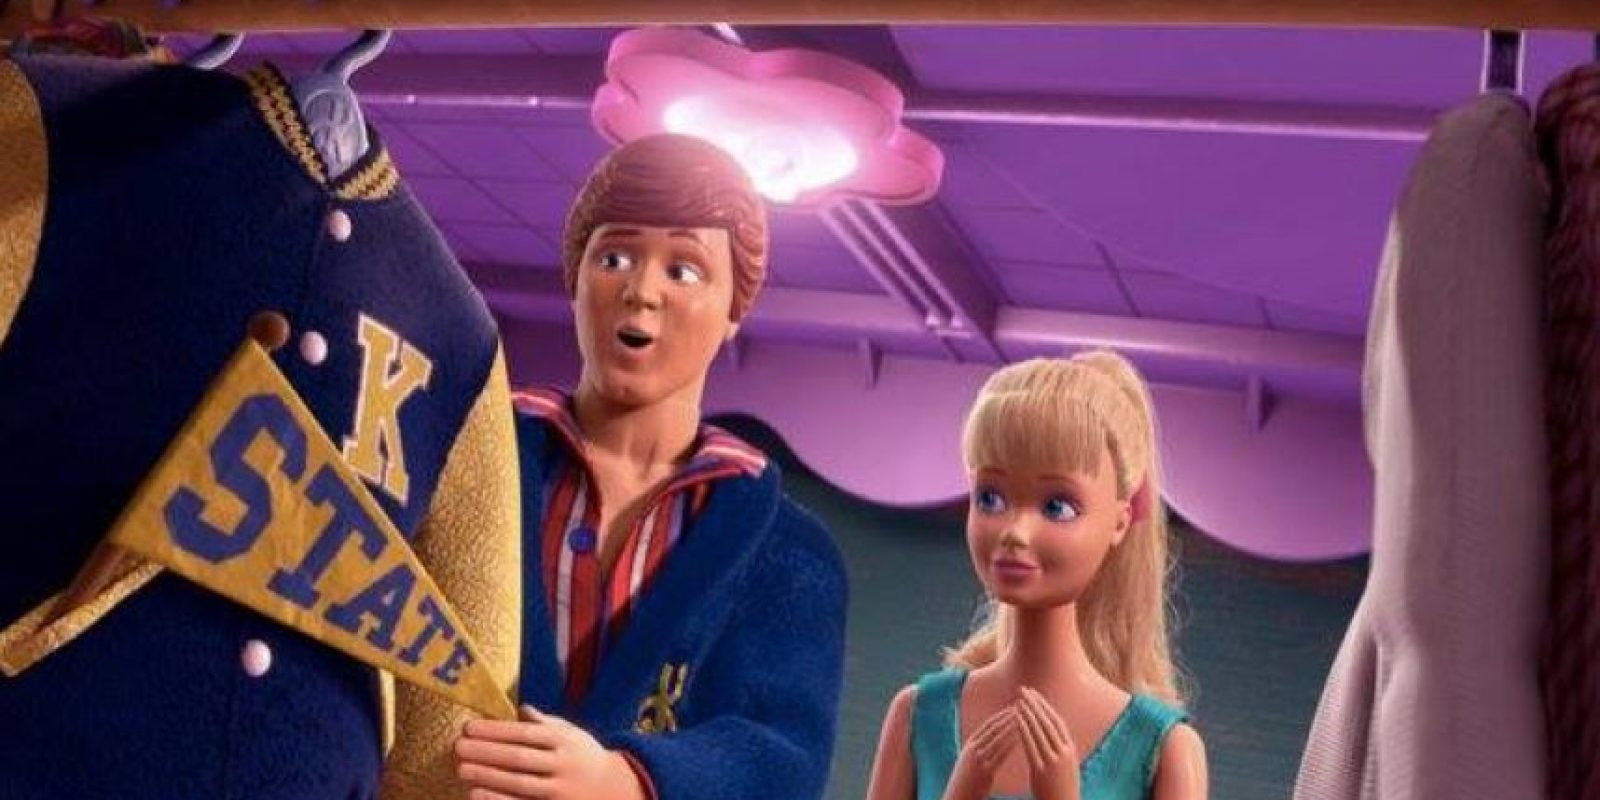 """Keaton prestó su voz a """"Ken"""" de la cinta animada """"Toy Story 3"""" Foto:Vía facebook.com/toystory"""